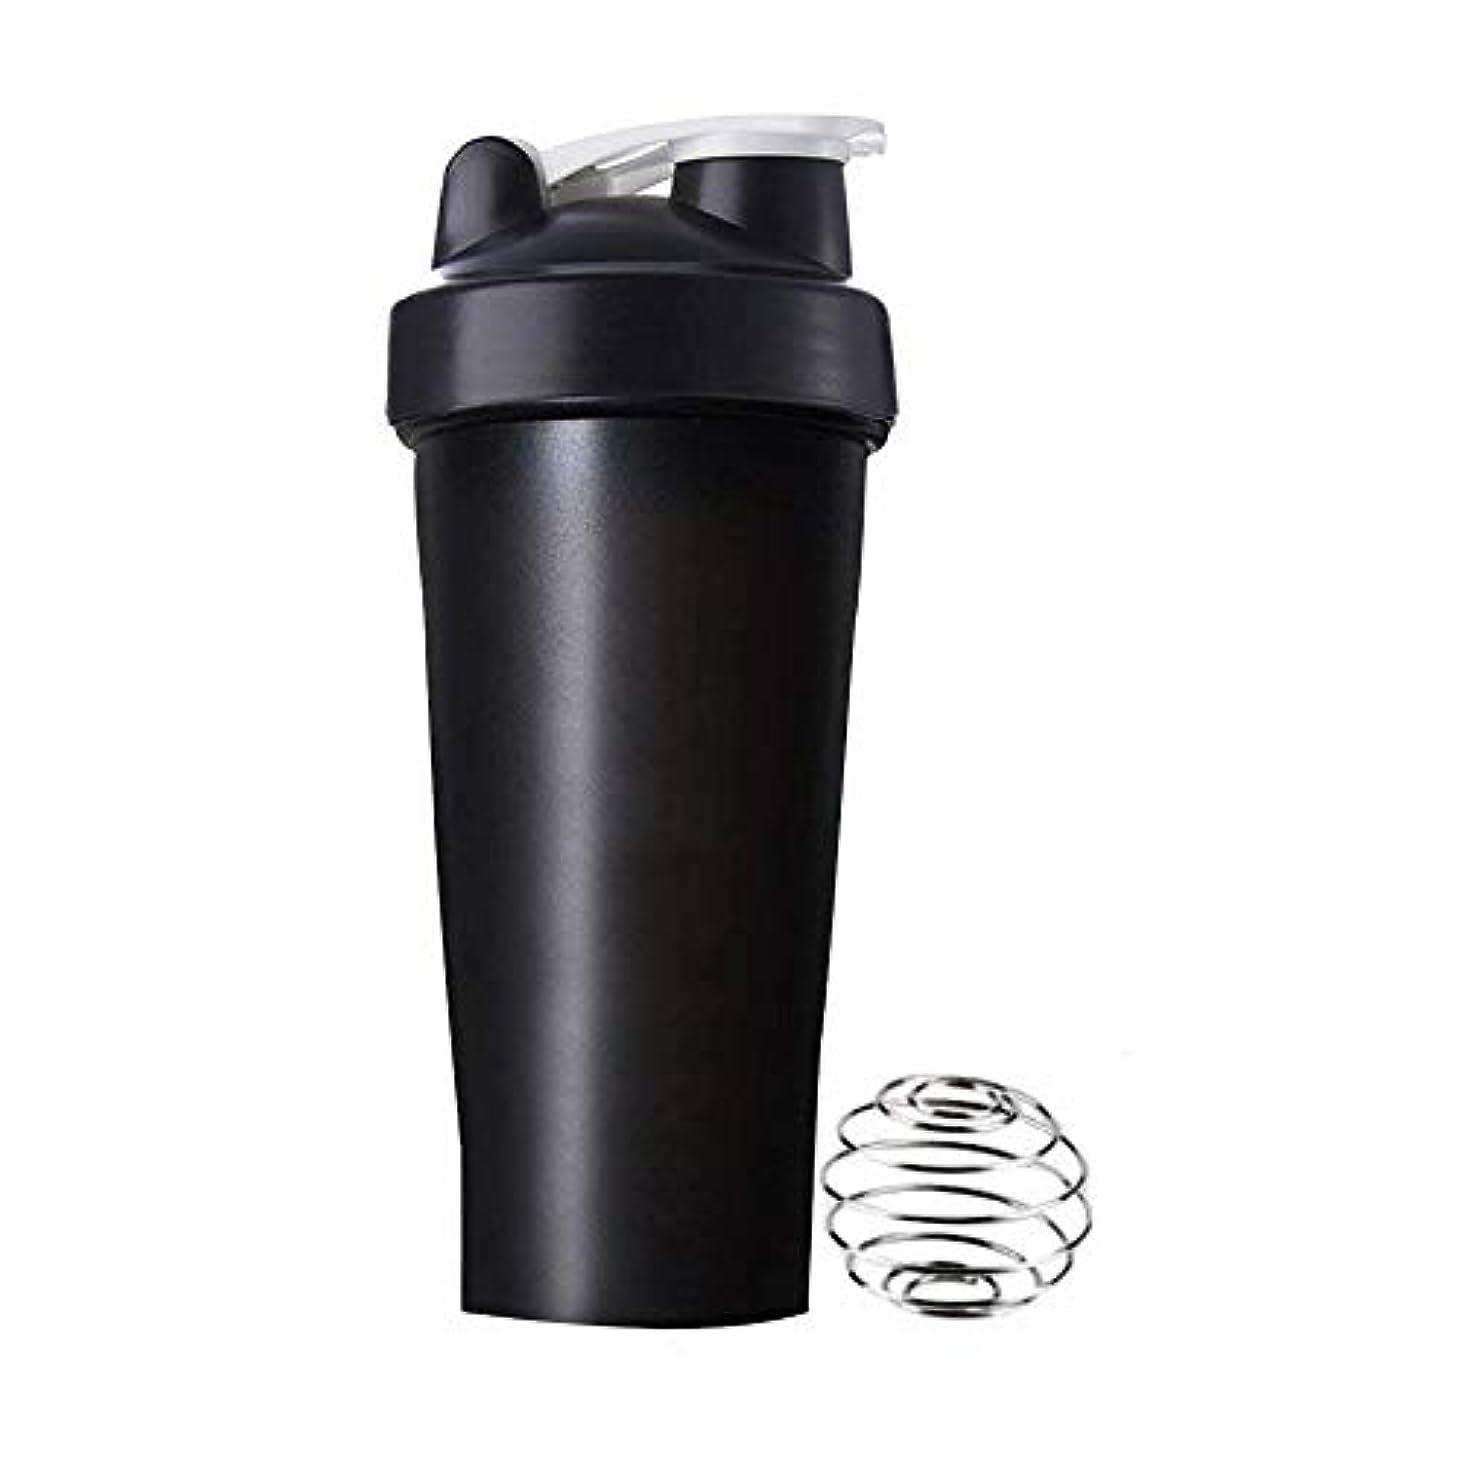 最愛のホールドオール米国Simg プロテインシェイカー 直飲み プラスチックウォーターボトル ジム シェーカーボトル 600ml